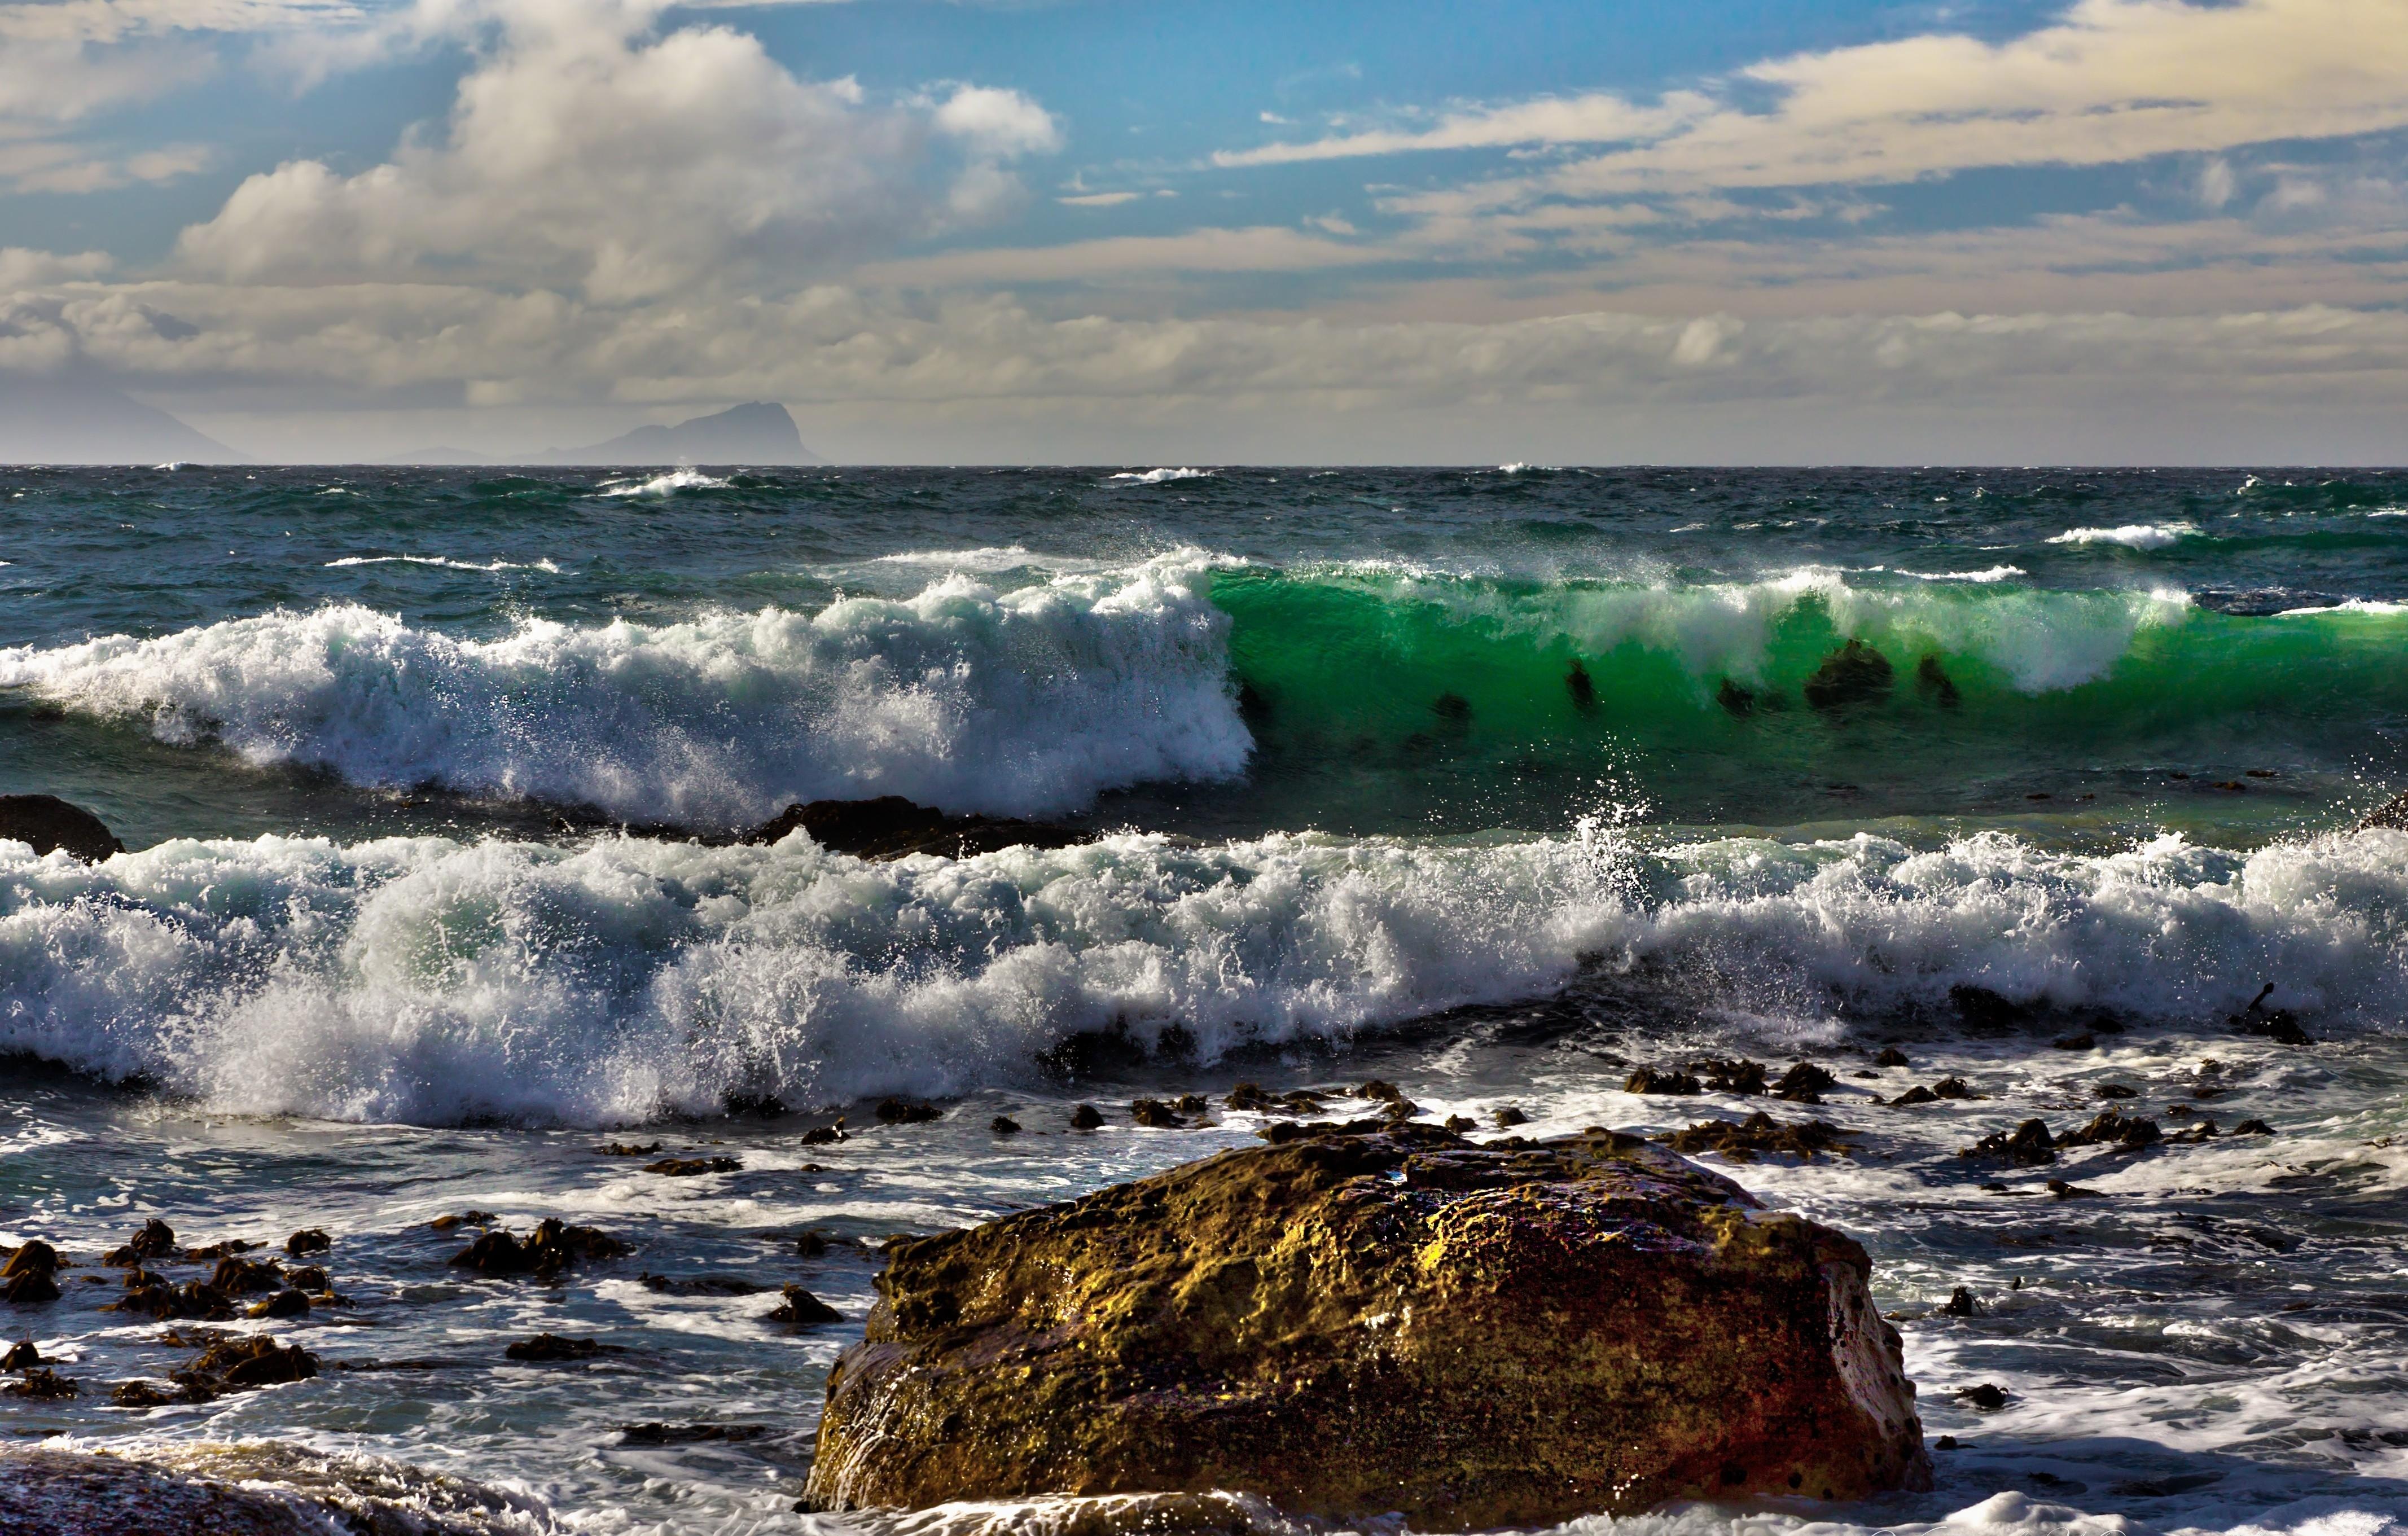 89928 Заставки и Обои Волны на телефон. Скачать Природа, Море, Волны, Пейзаж картинки бесплатно